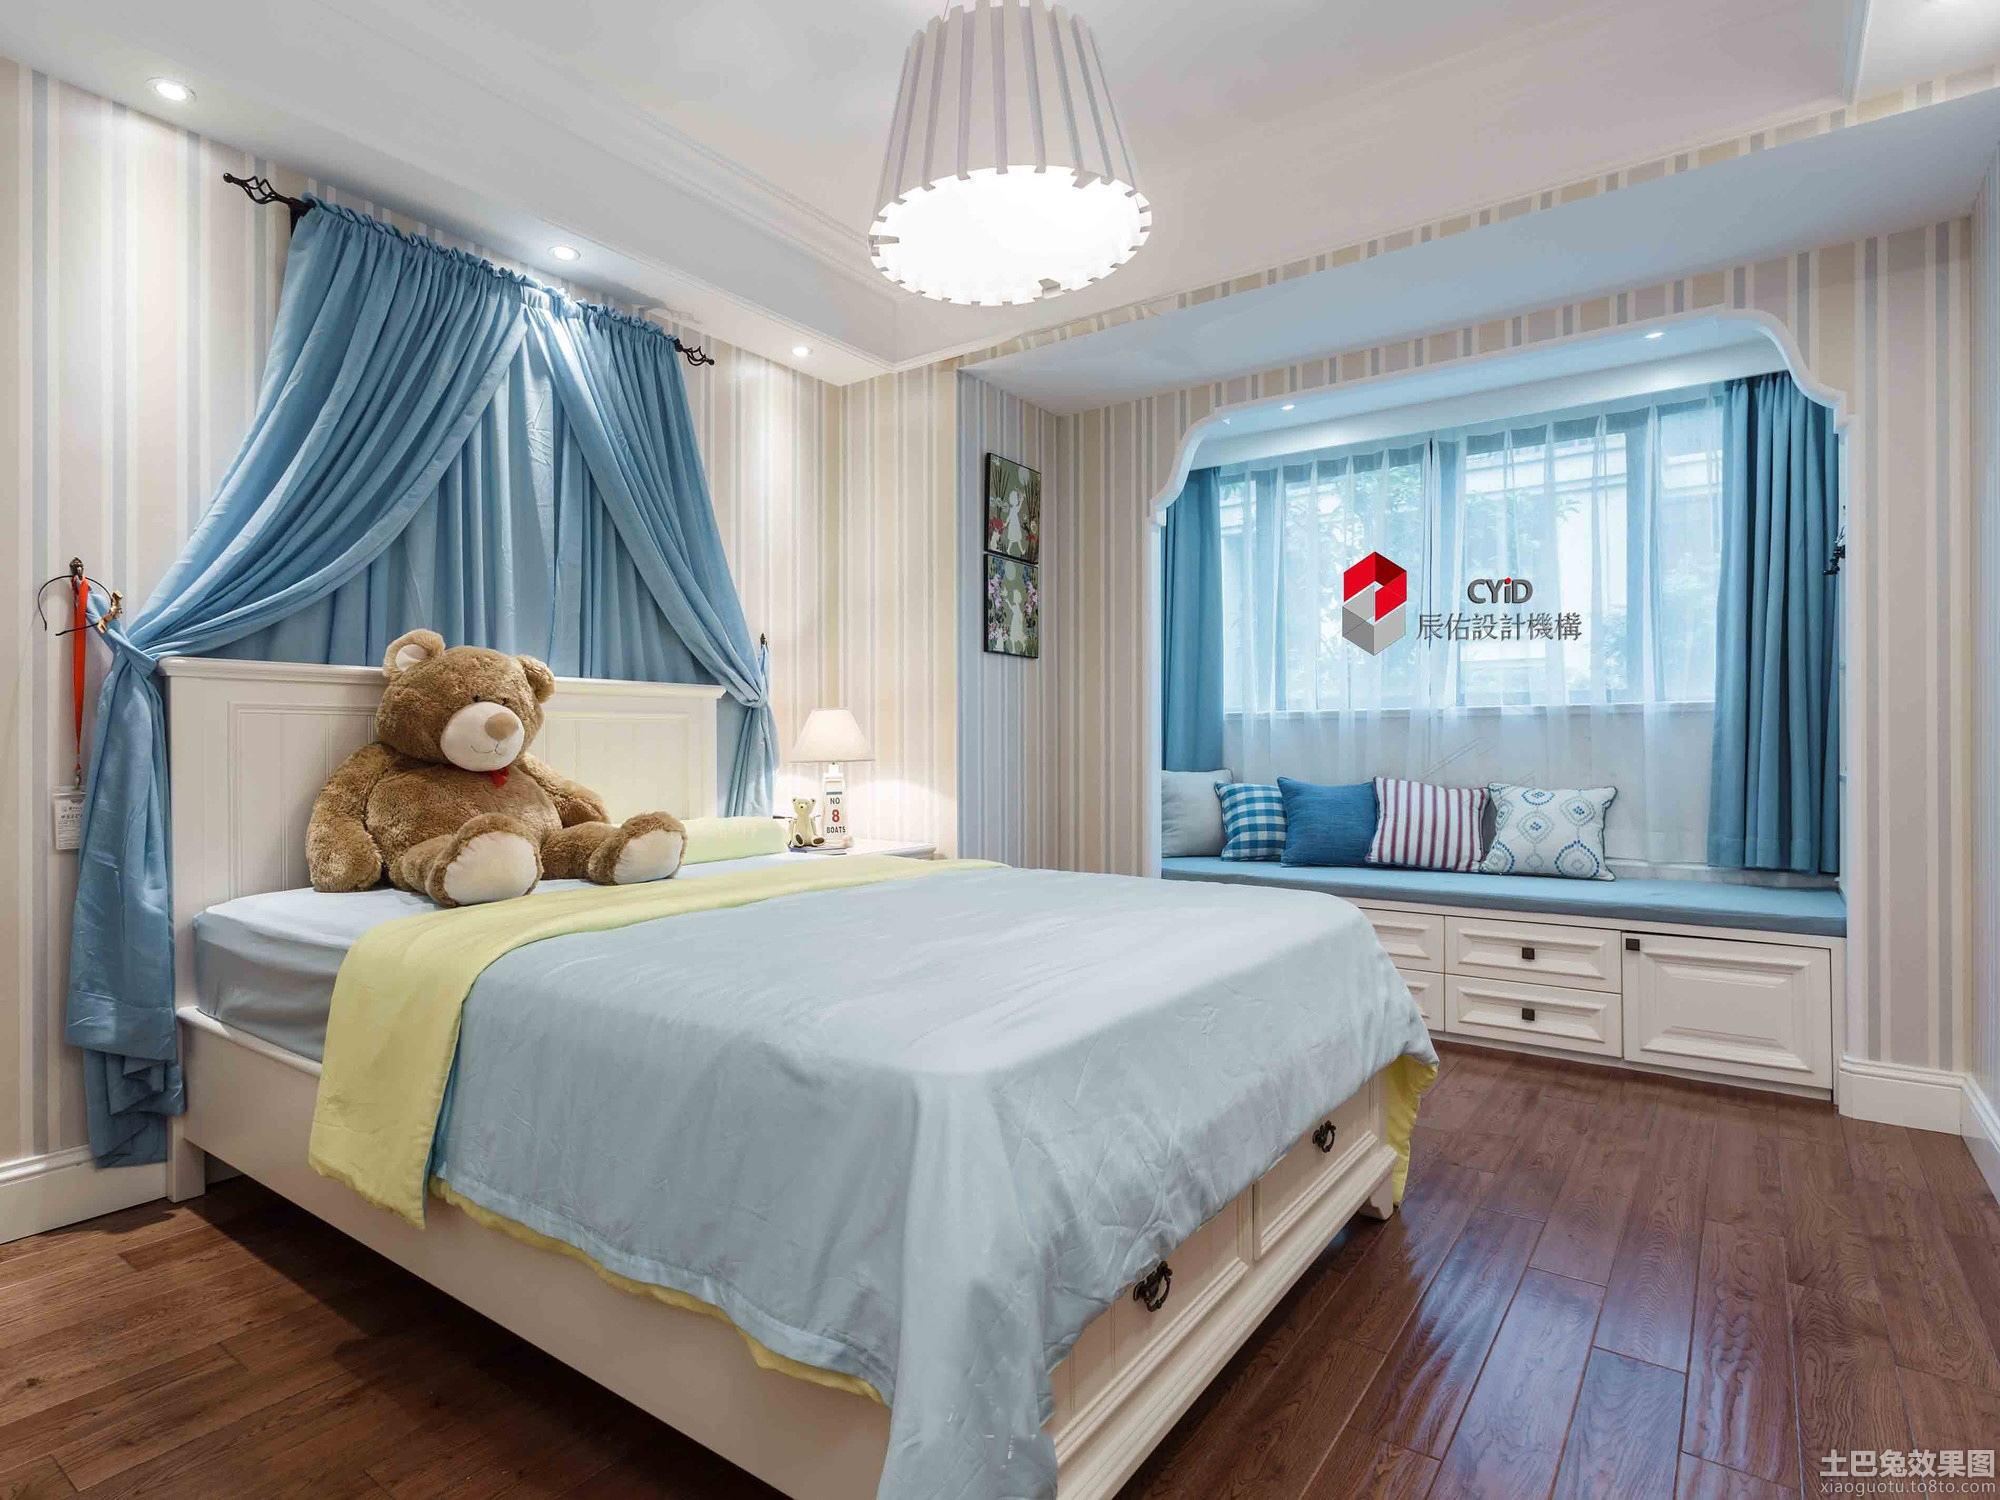 东南亚风格卧室图片欣赏大全九正家居装修效果图